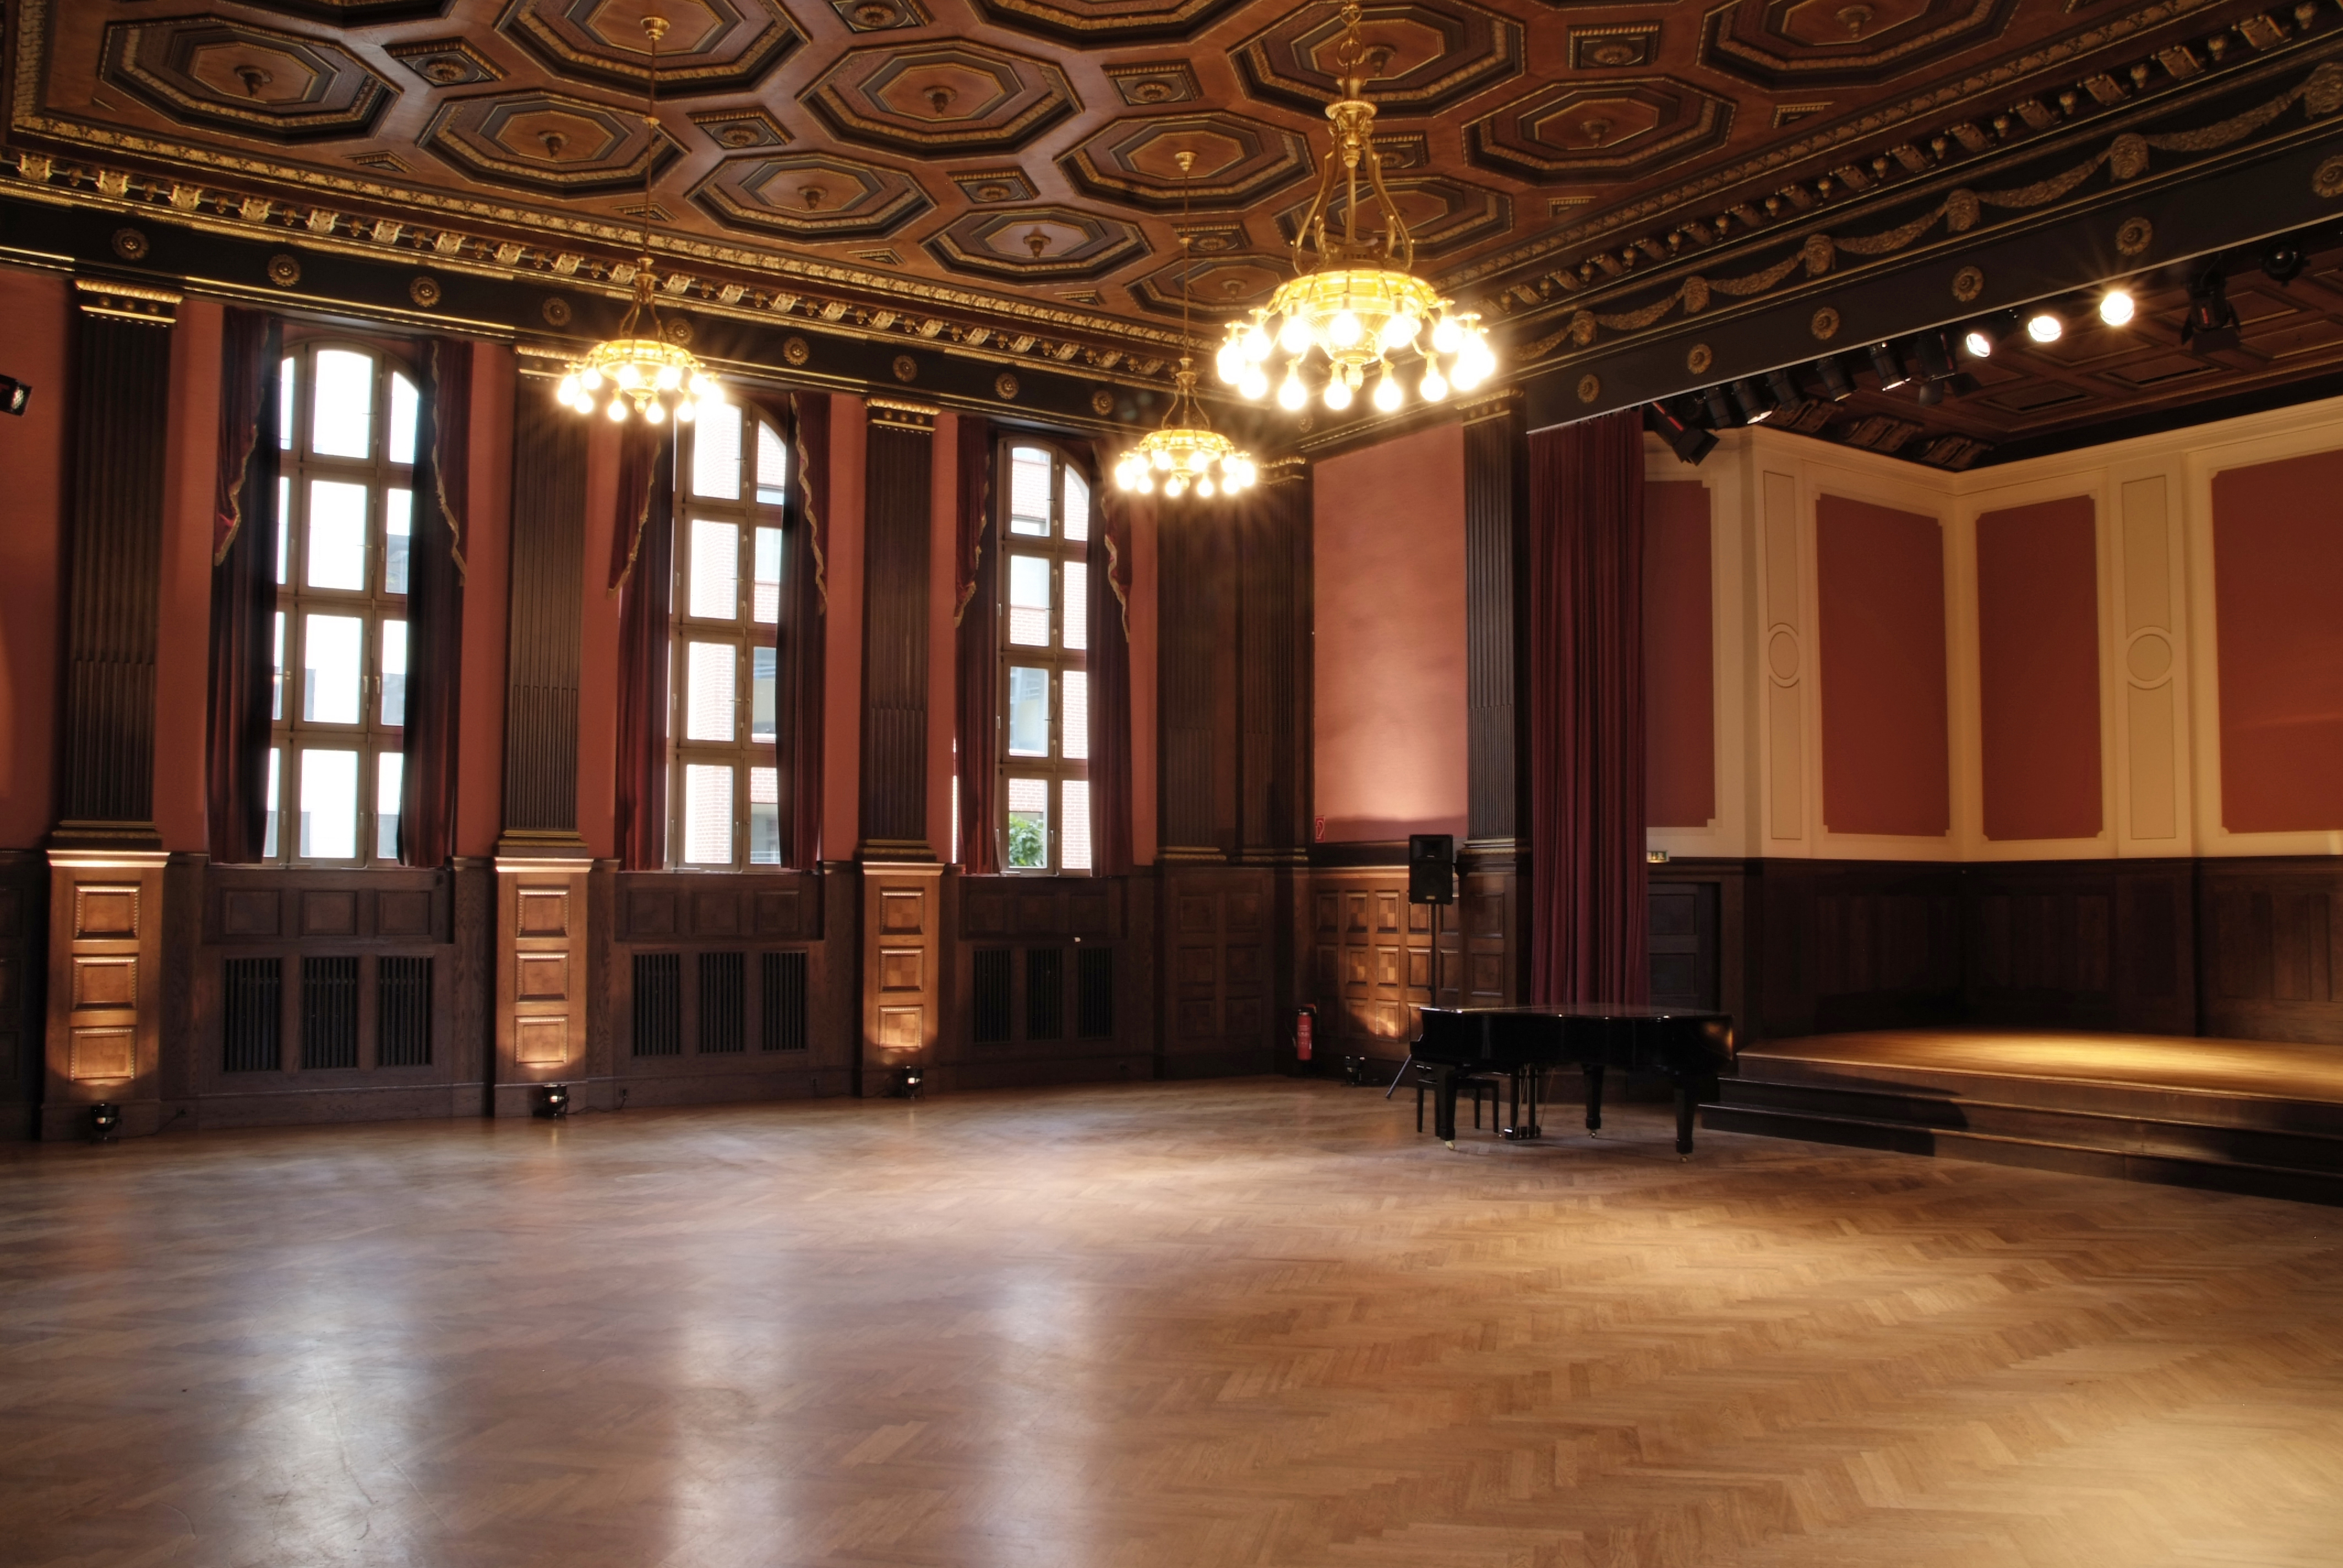 File:Meistersaal leer.jpg - Wikimedia Commons